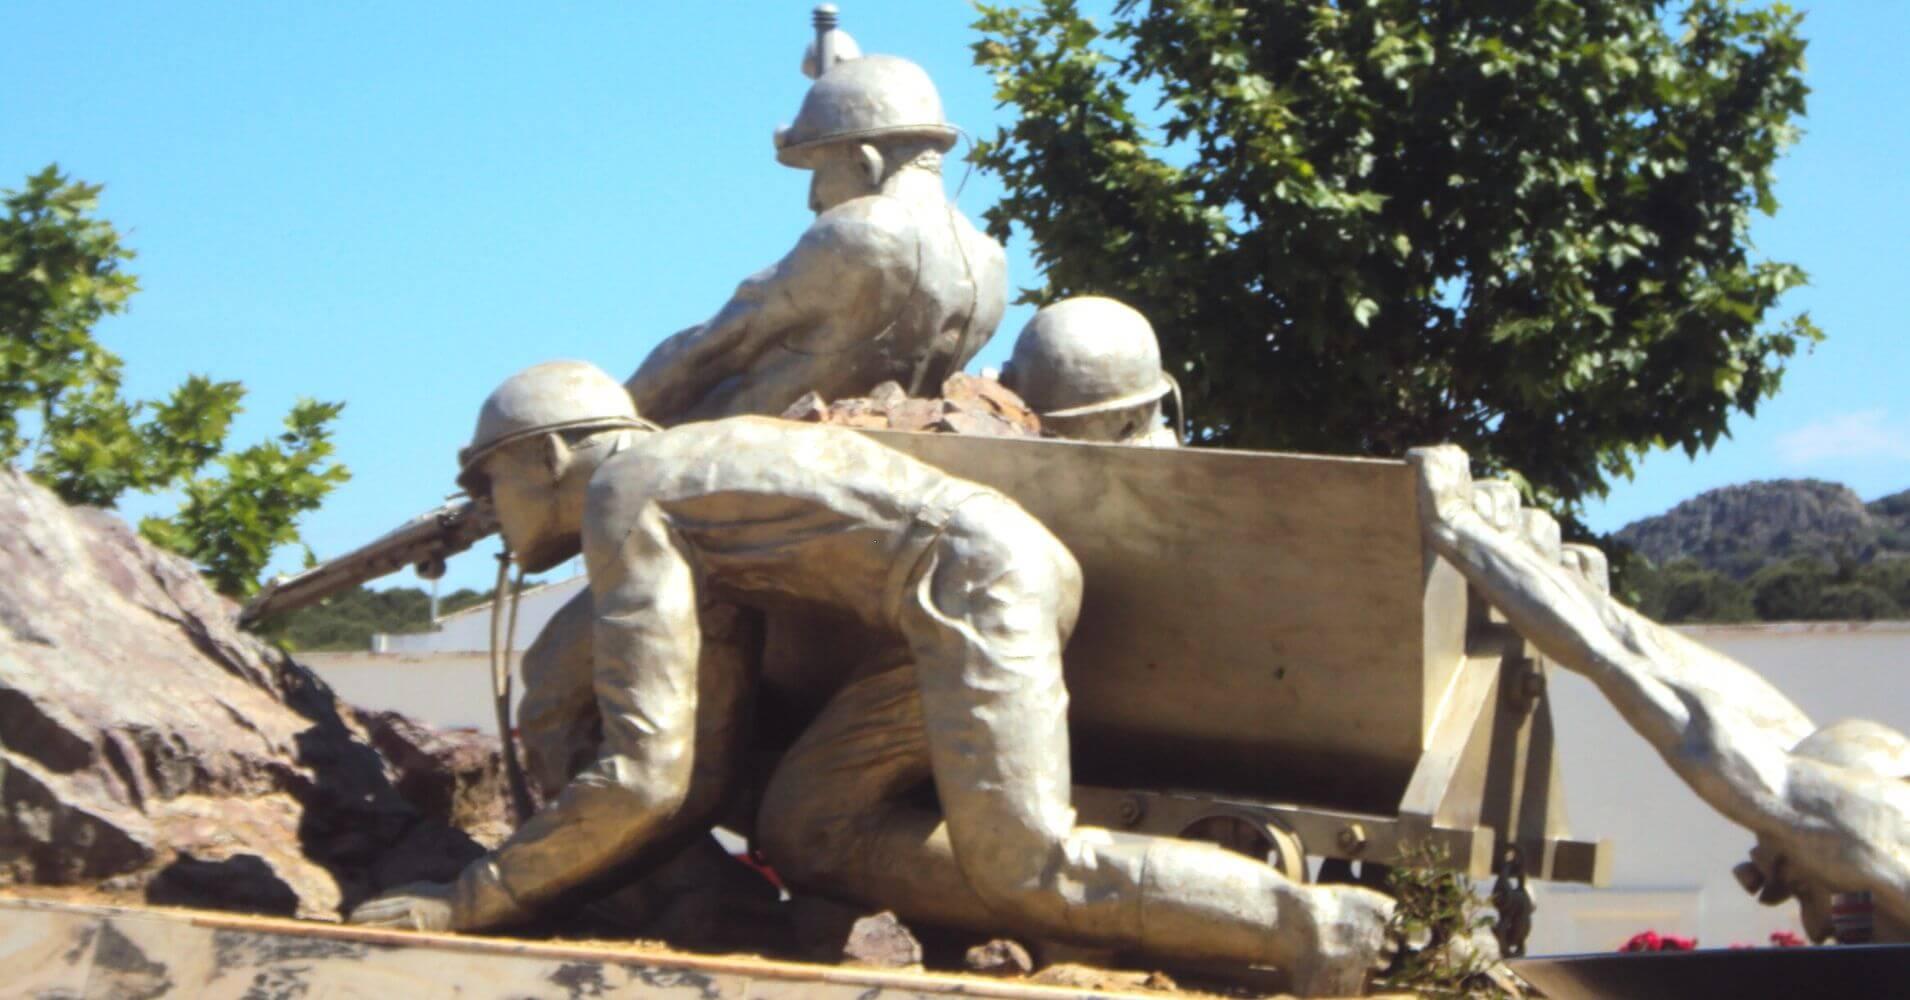 Monumento al Minero. Parque Minero de Almadén. Ciudad Real, Castilla la Mancha.